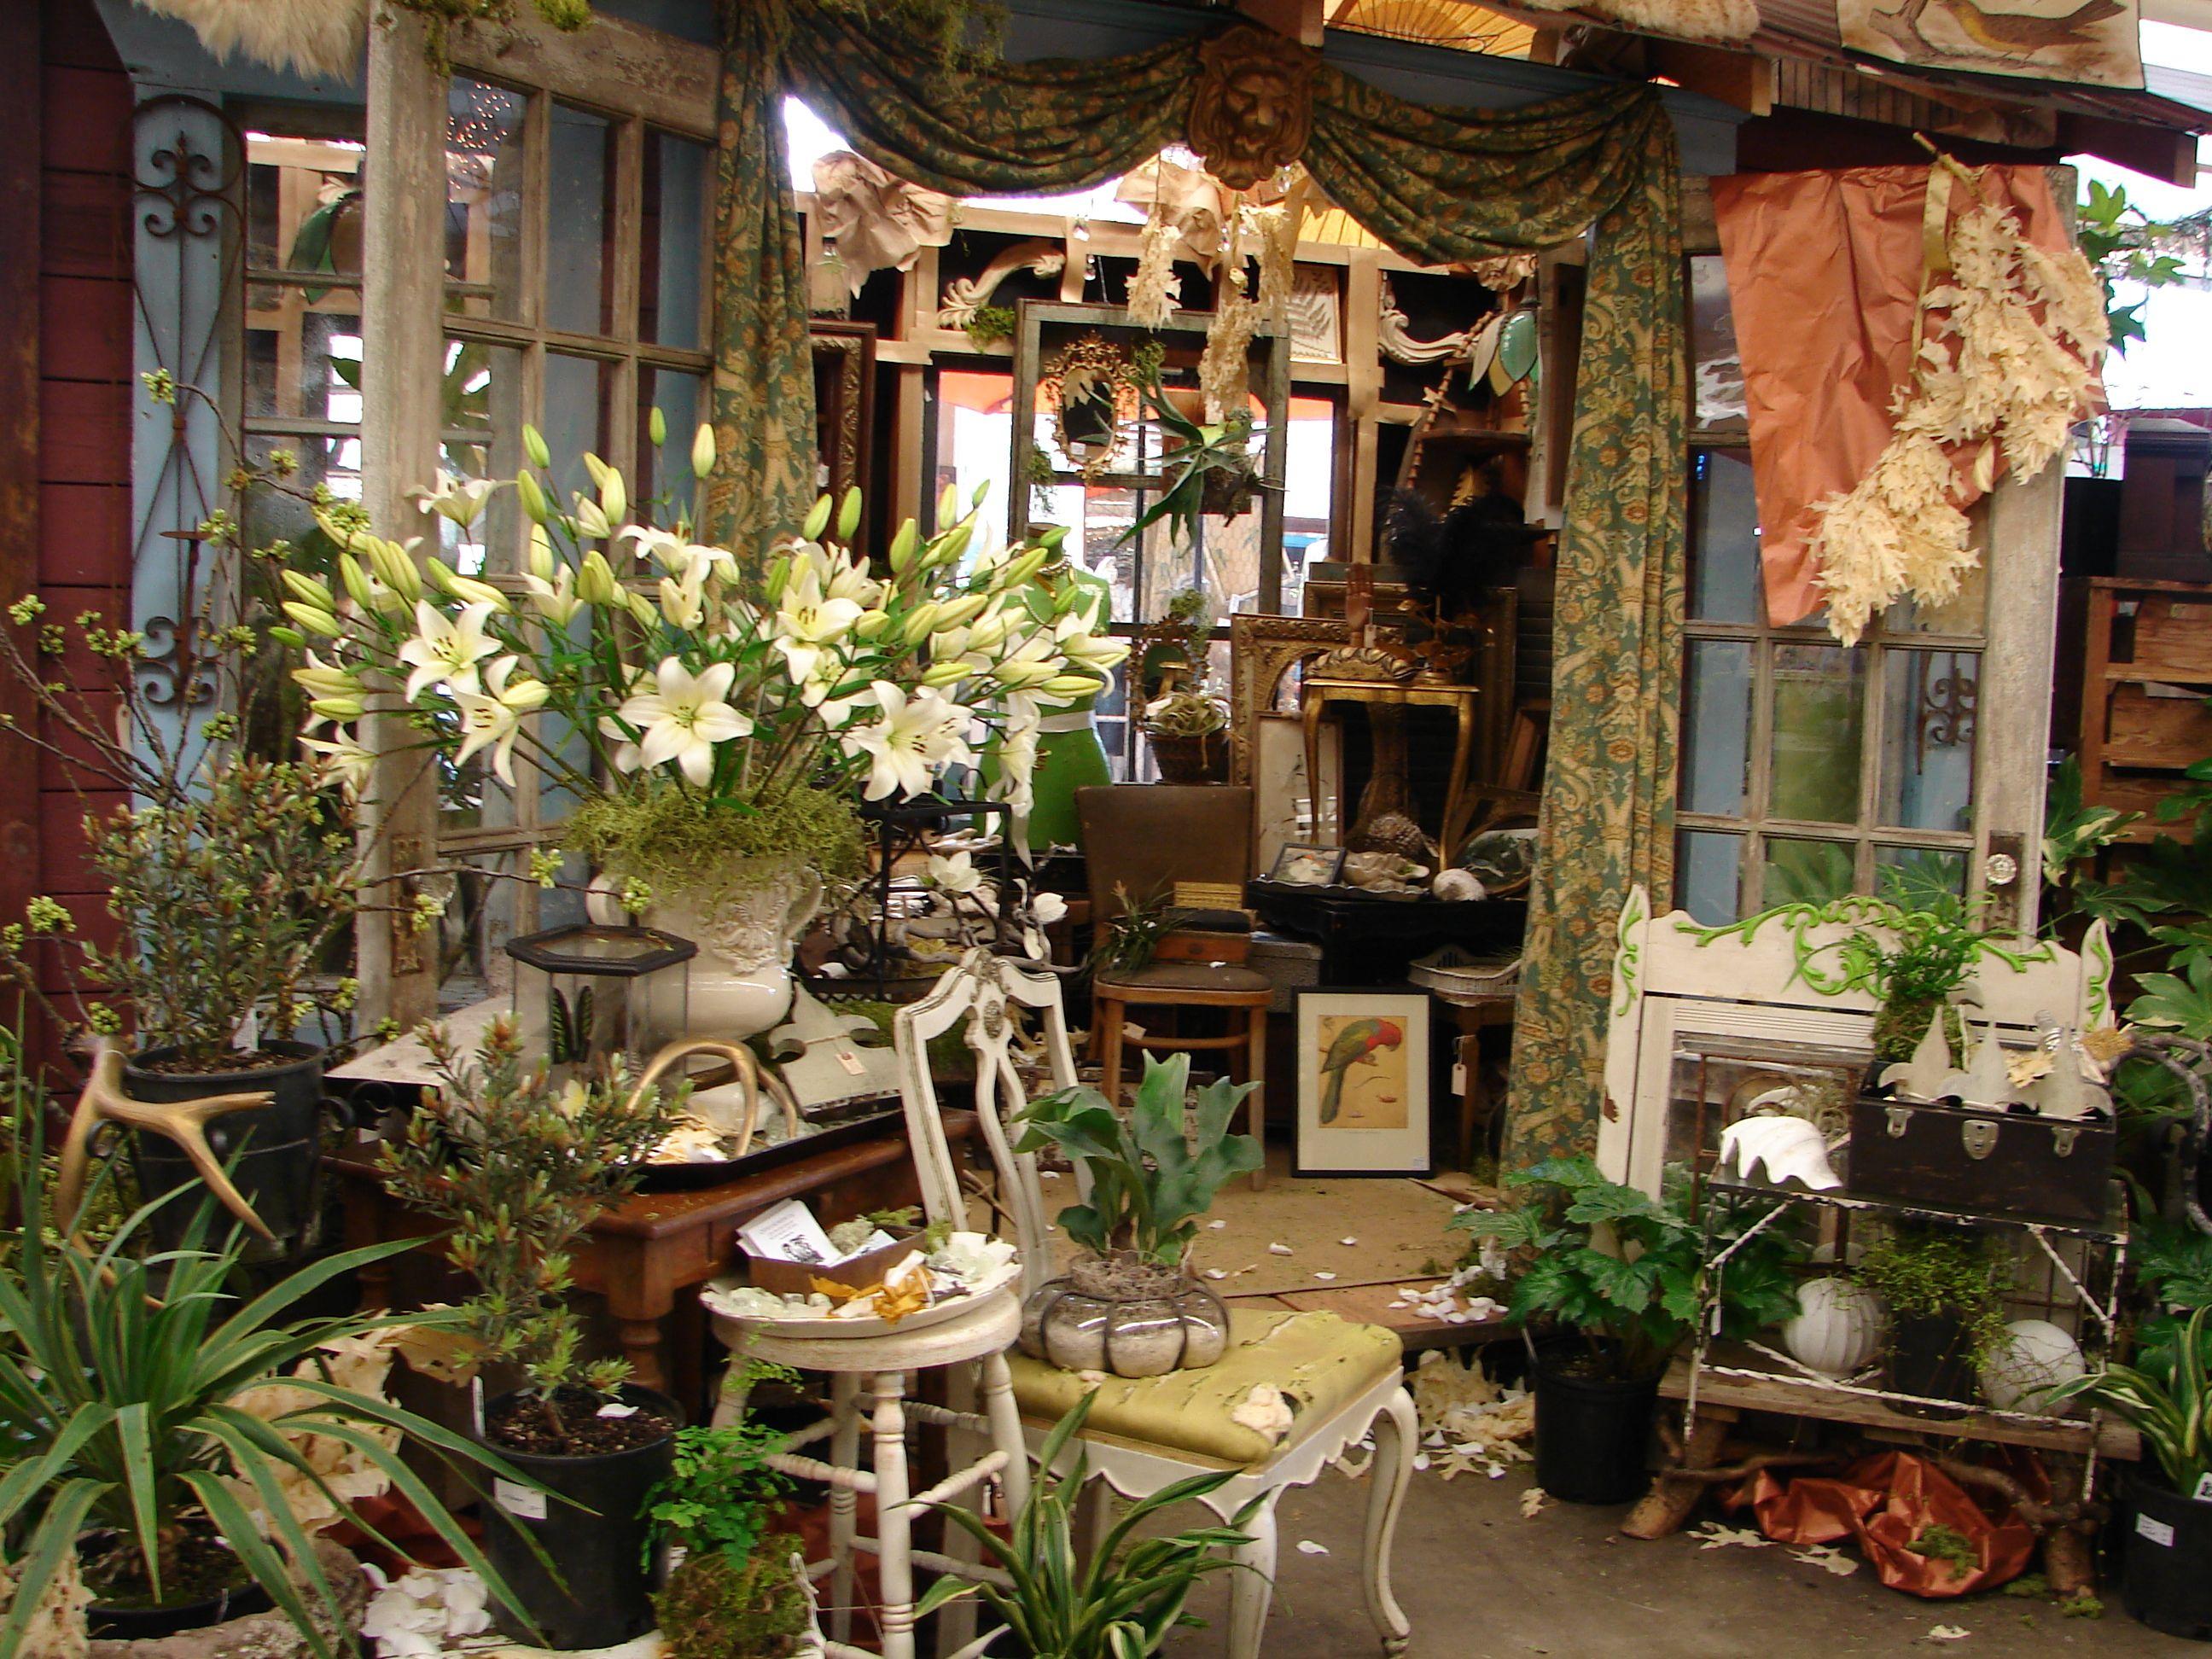 Home garden show at monticello beach garden house - Baraque de jardin ...